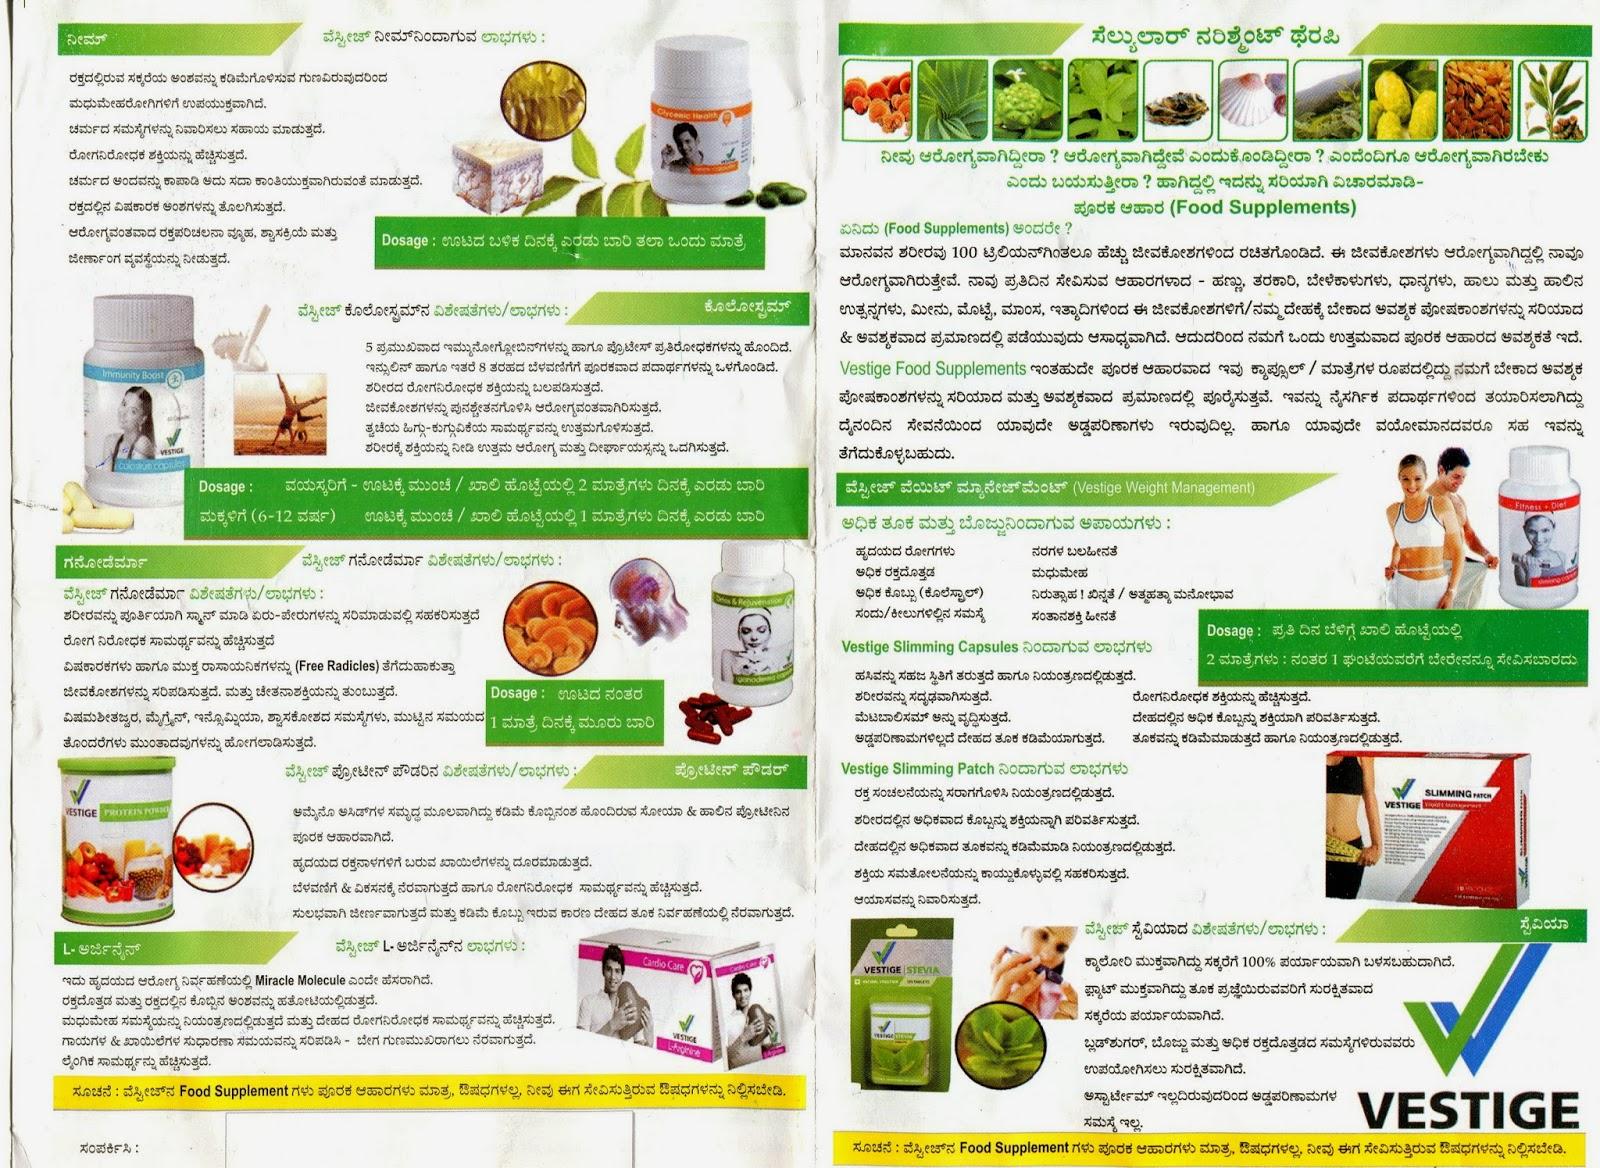 www my vestige business plan